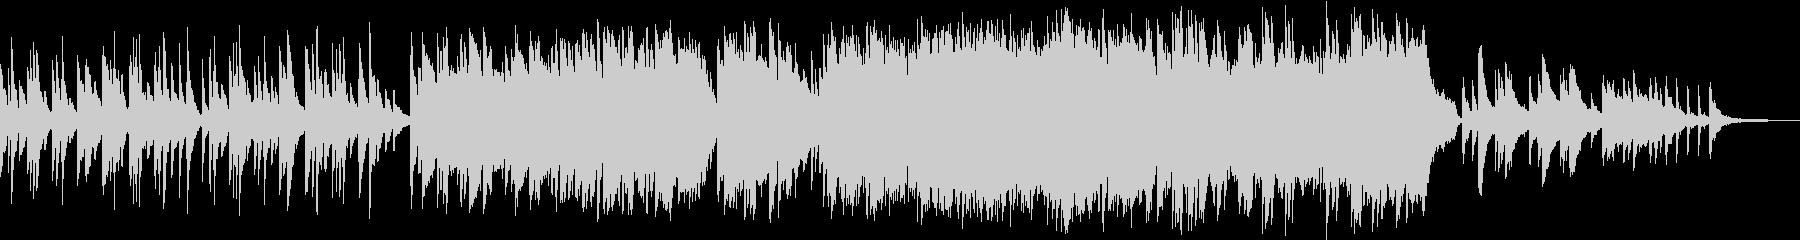 アメイジング・グレイスのピアノソロ曲の未再生の波形